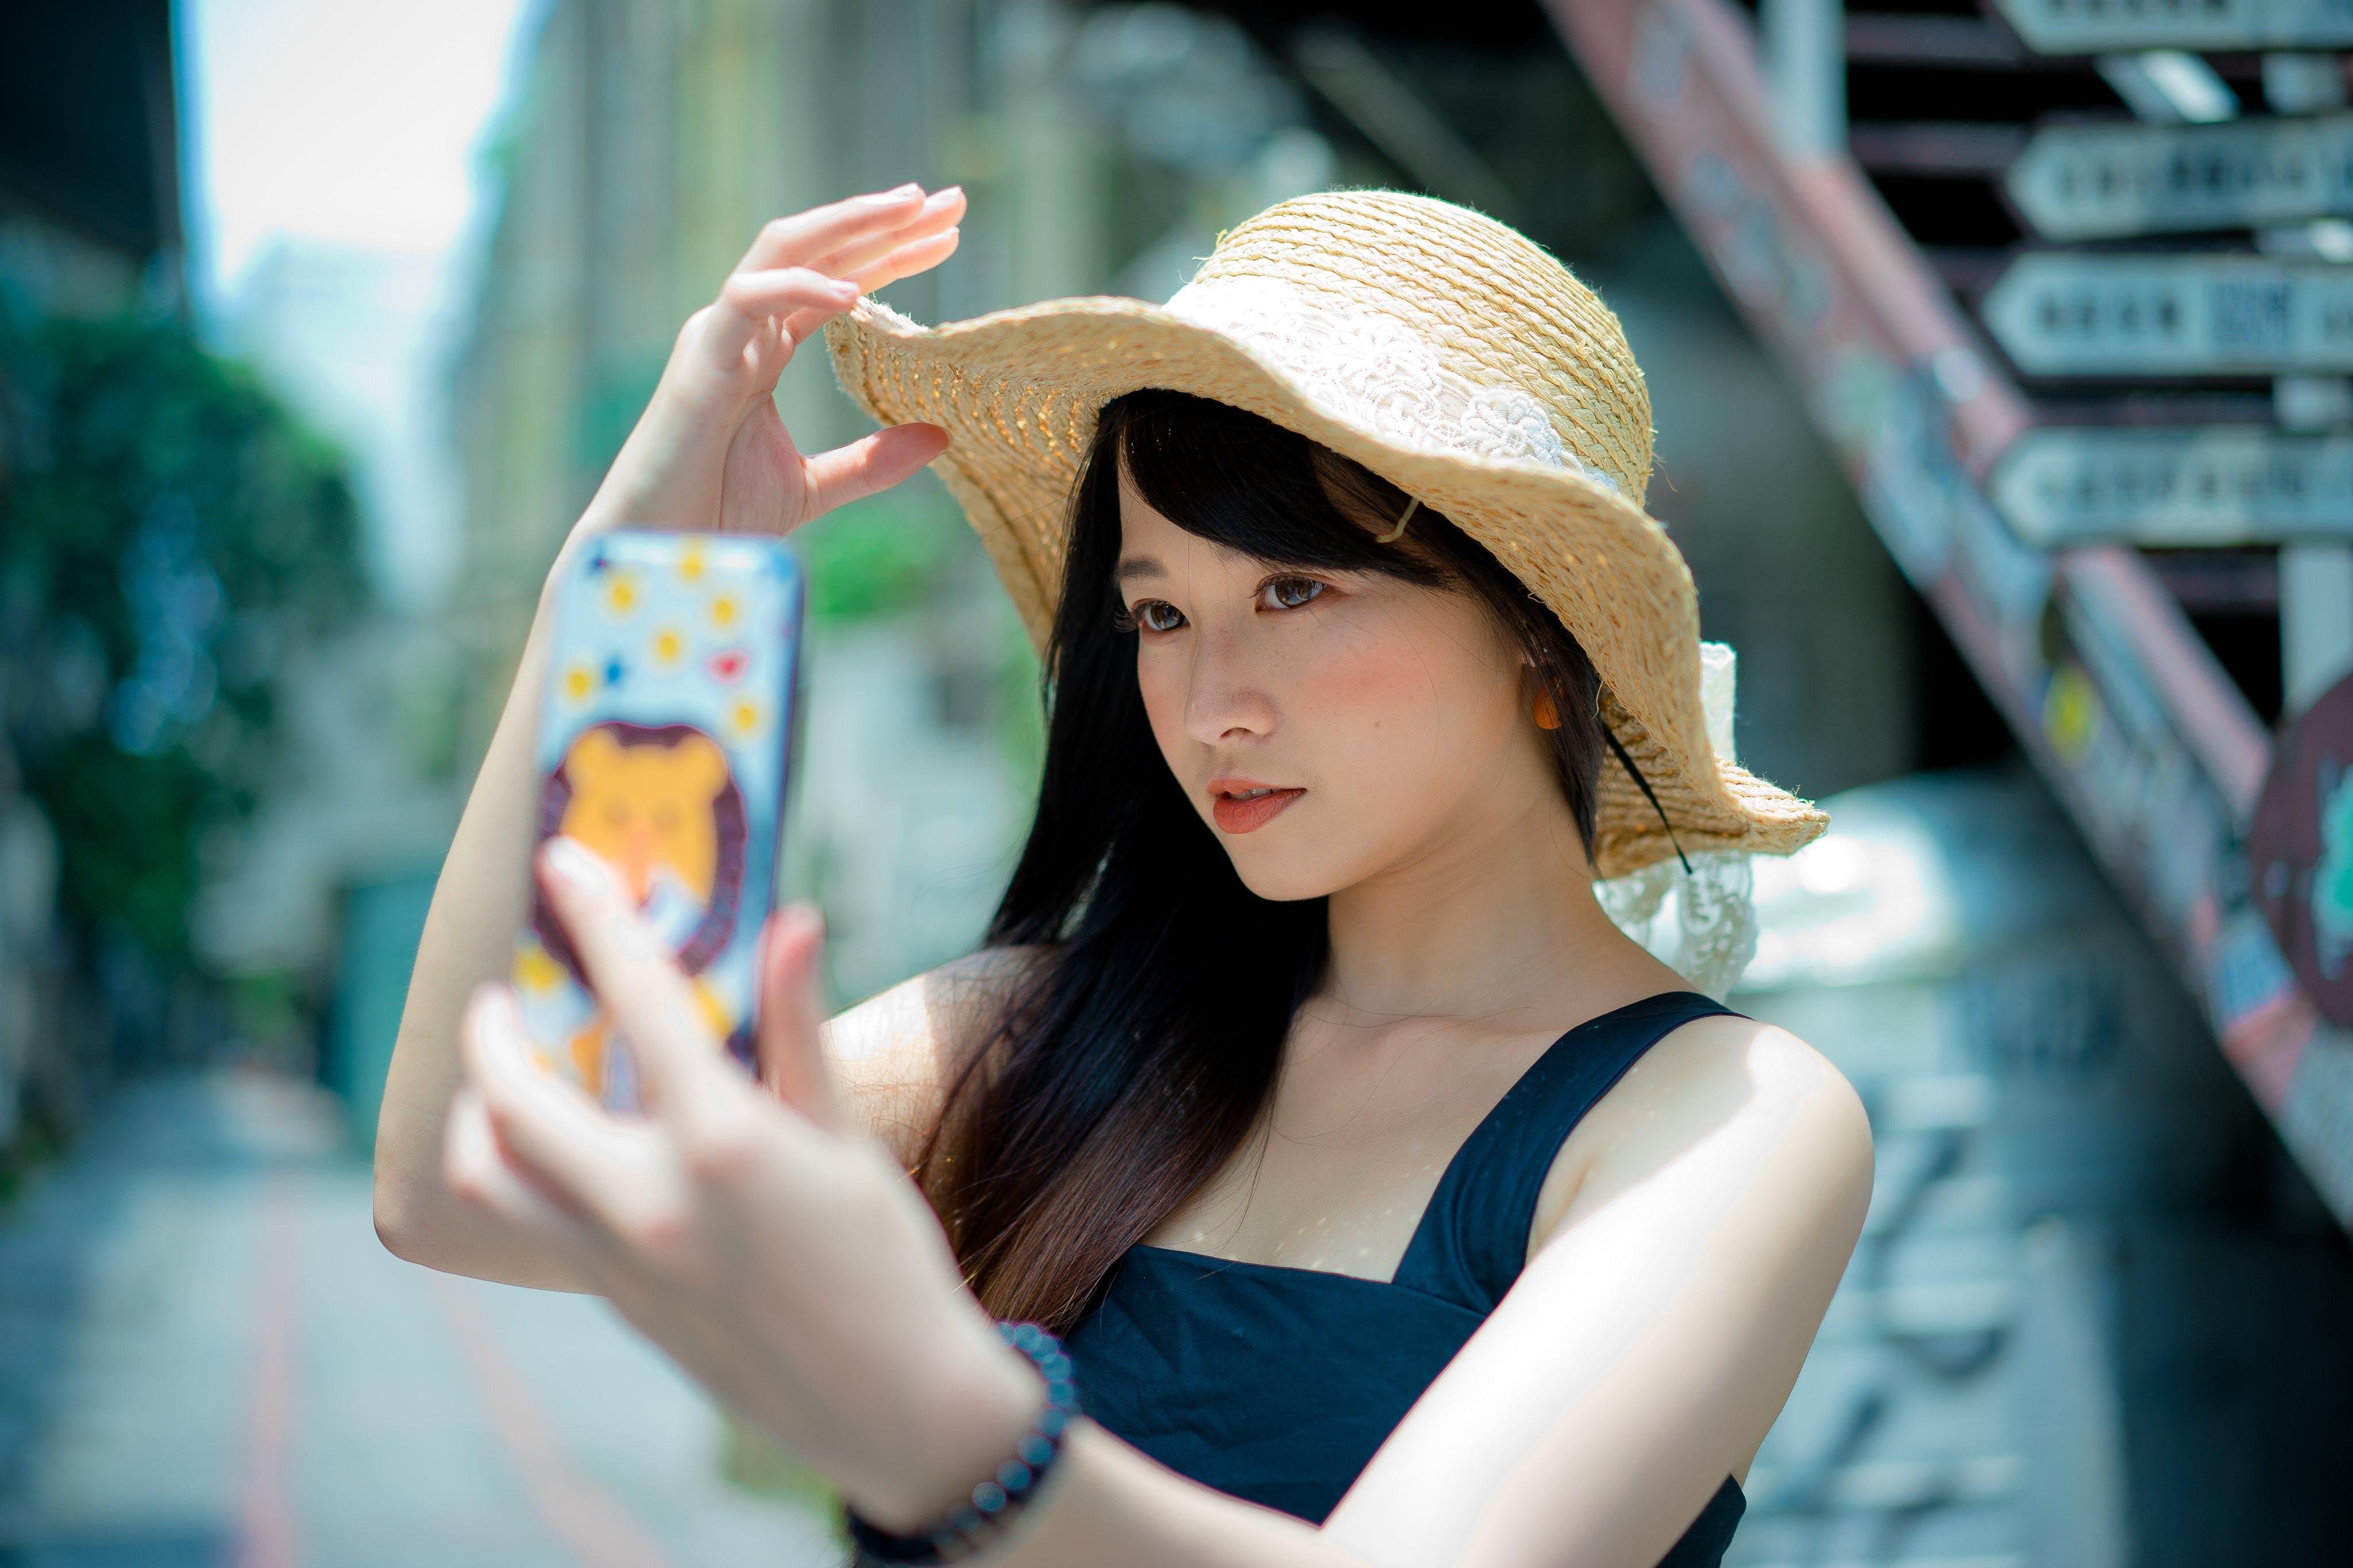 азиатка, Азиатская девушка, веселье